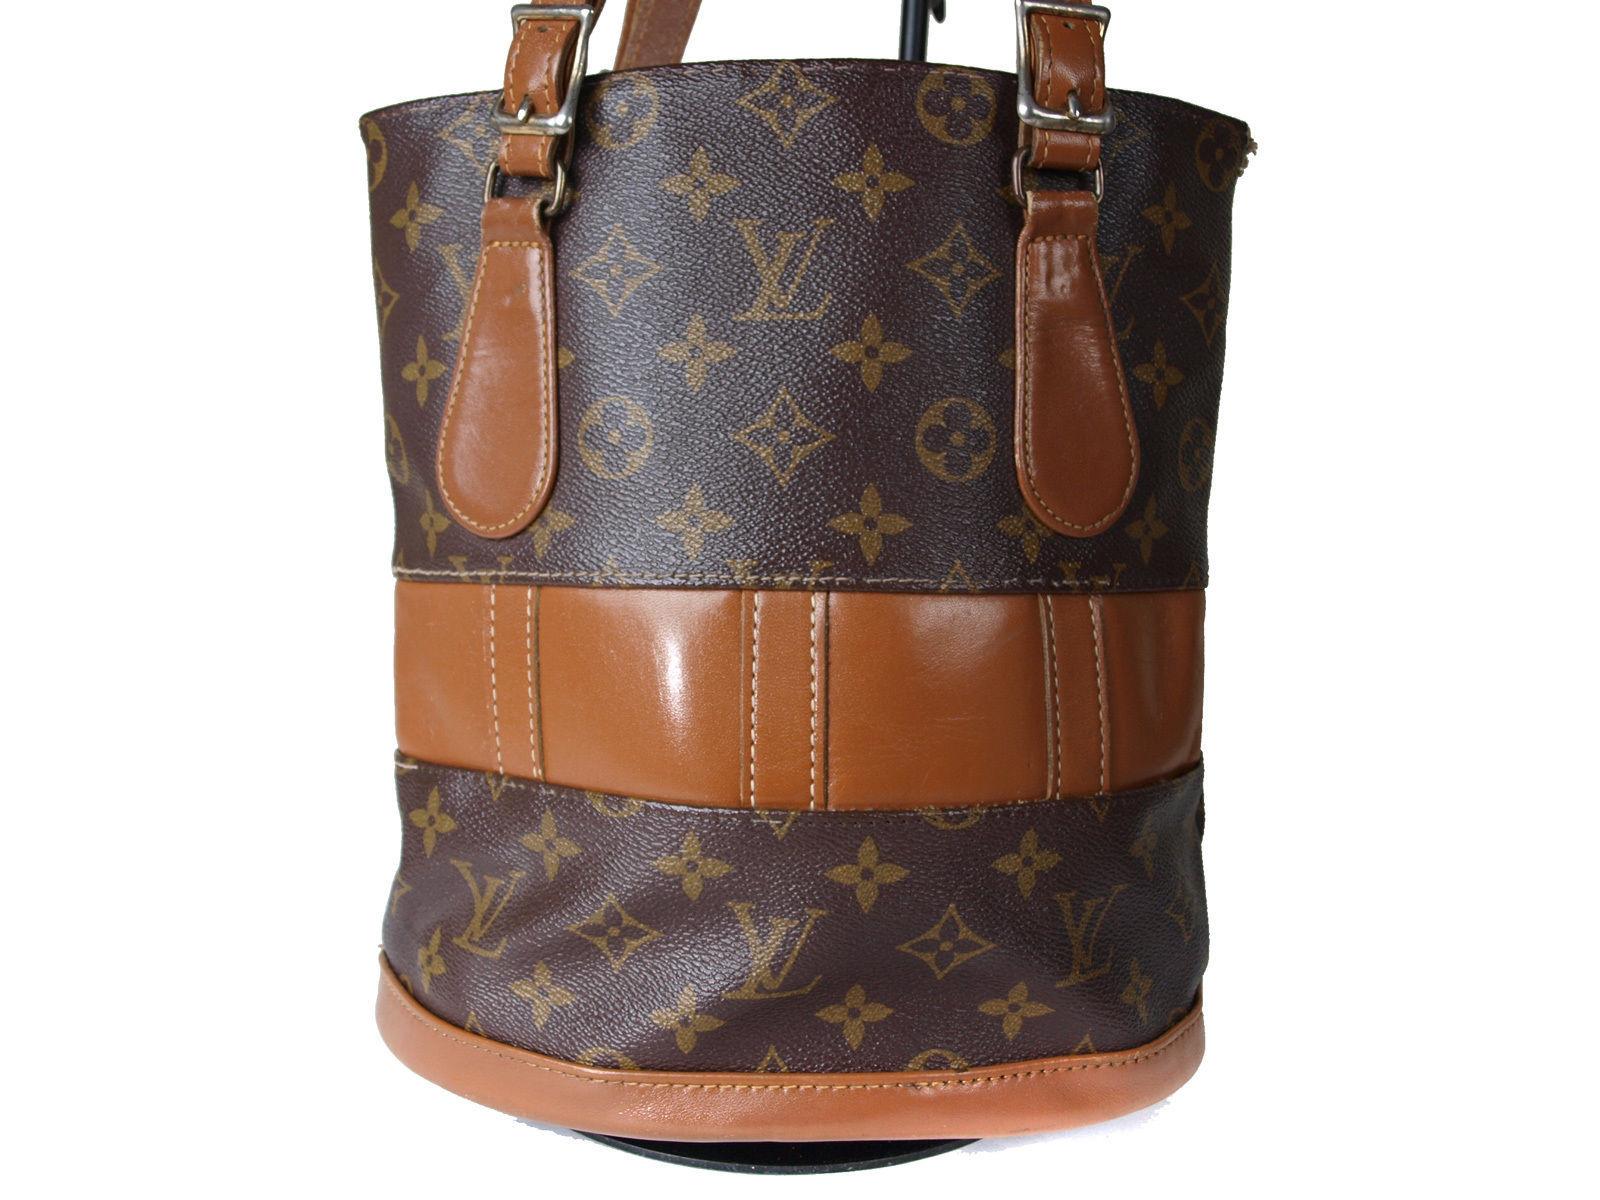 c76207560ac4 ... Authentic LOUIS VUITTON USA BUCKET Monogram Tote Bag Shoulder Bag Purse  LS11553L ...